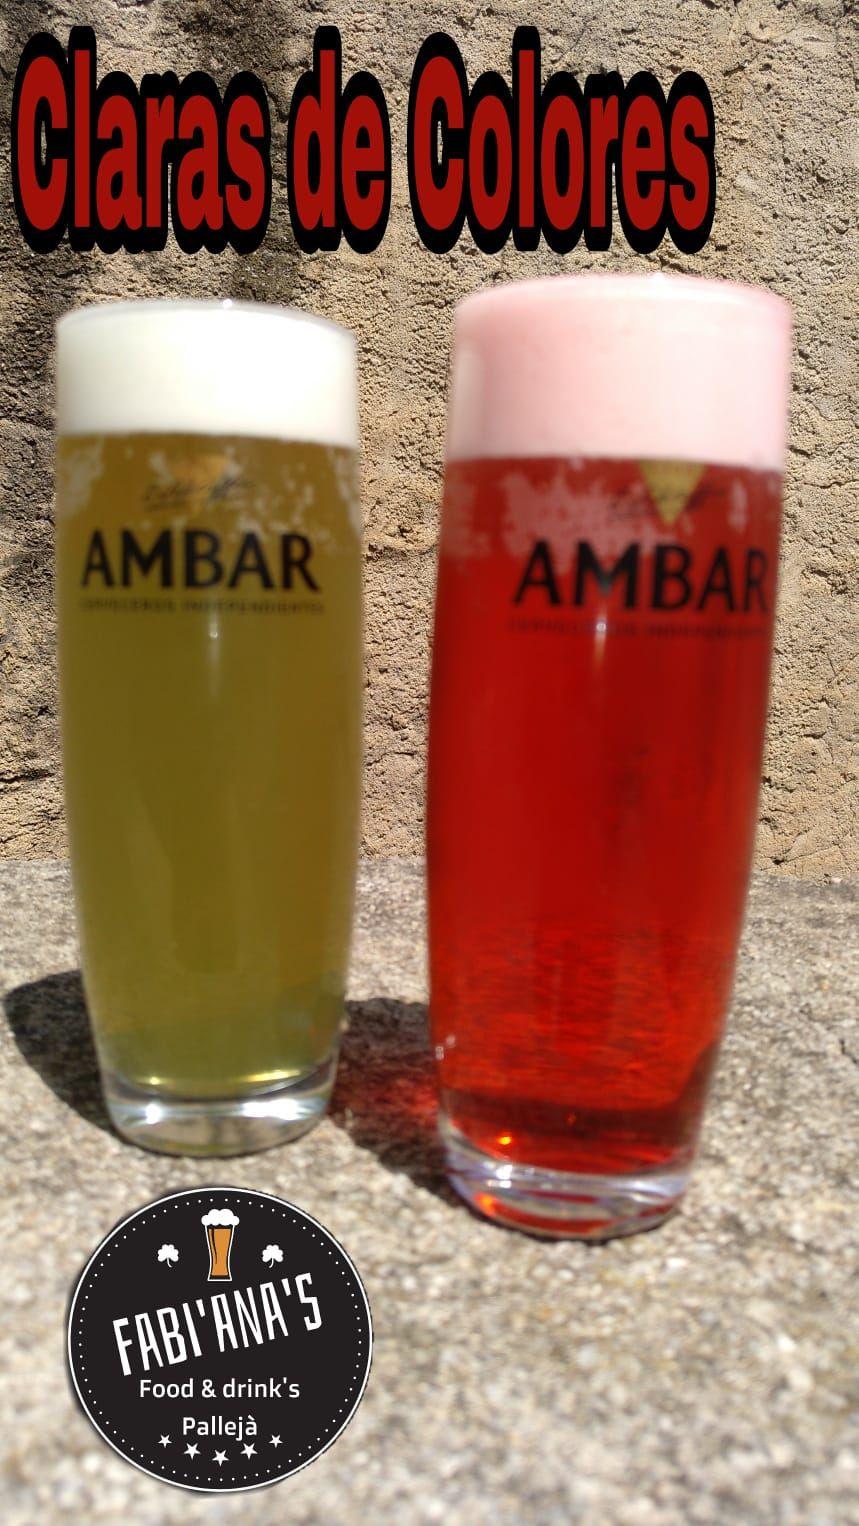 Cervezas de colores